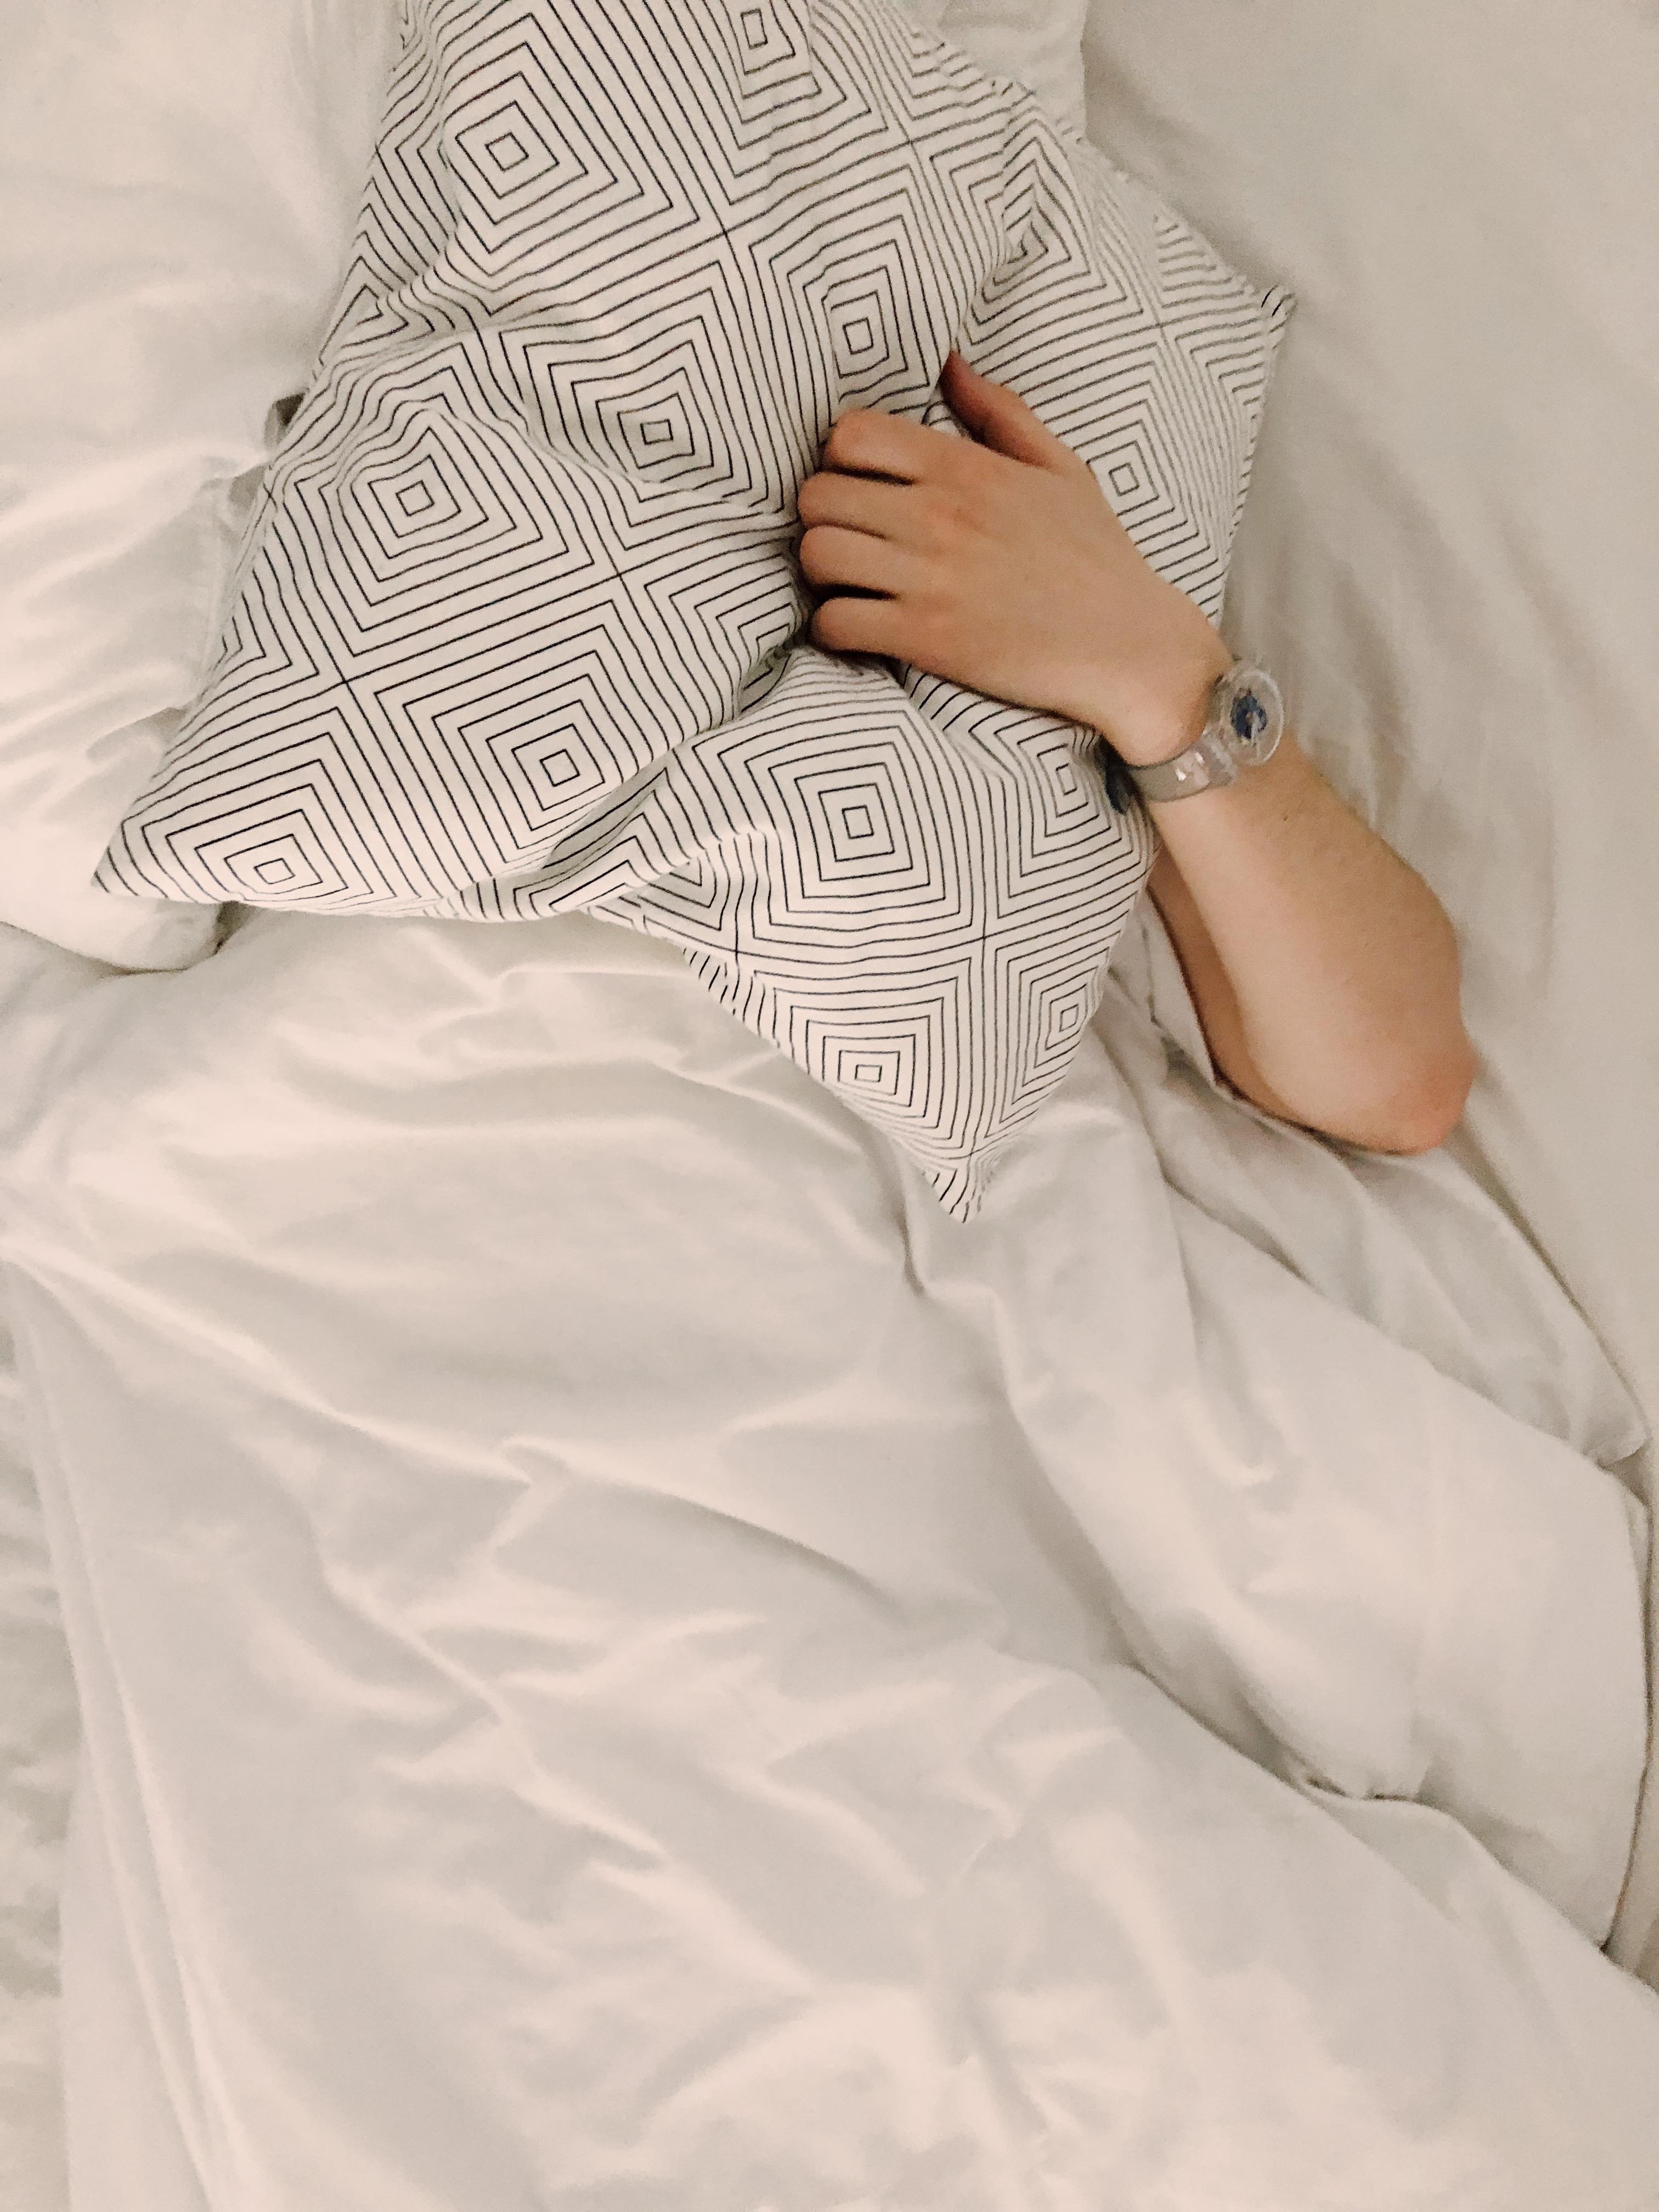 nghỉ ngơi là một trong những phương pháp điều trị sốt hữu hiệu